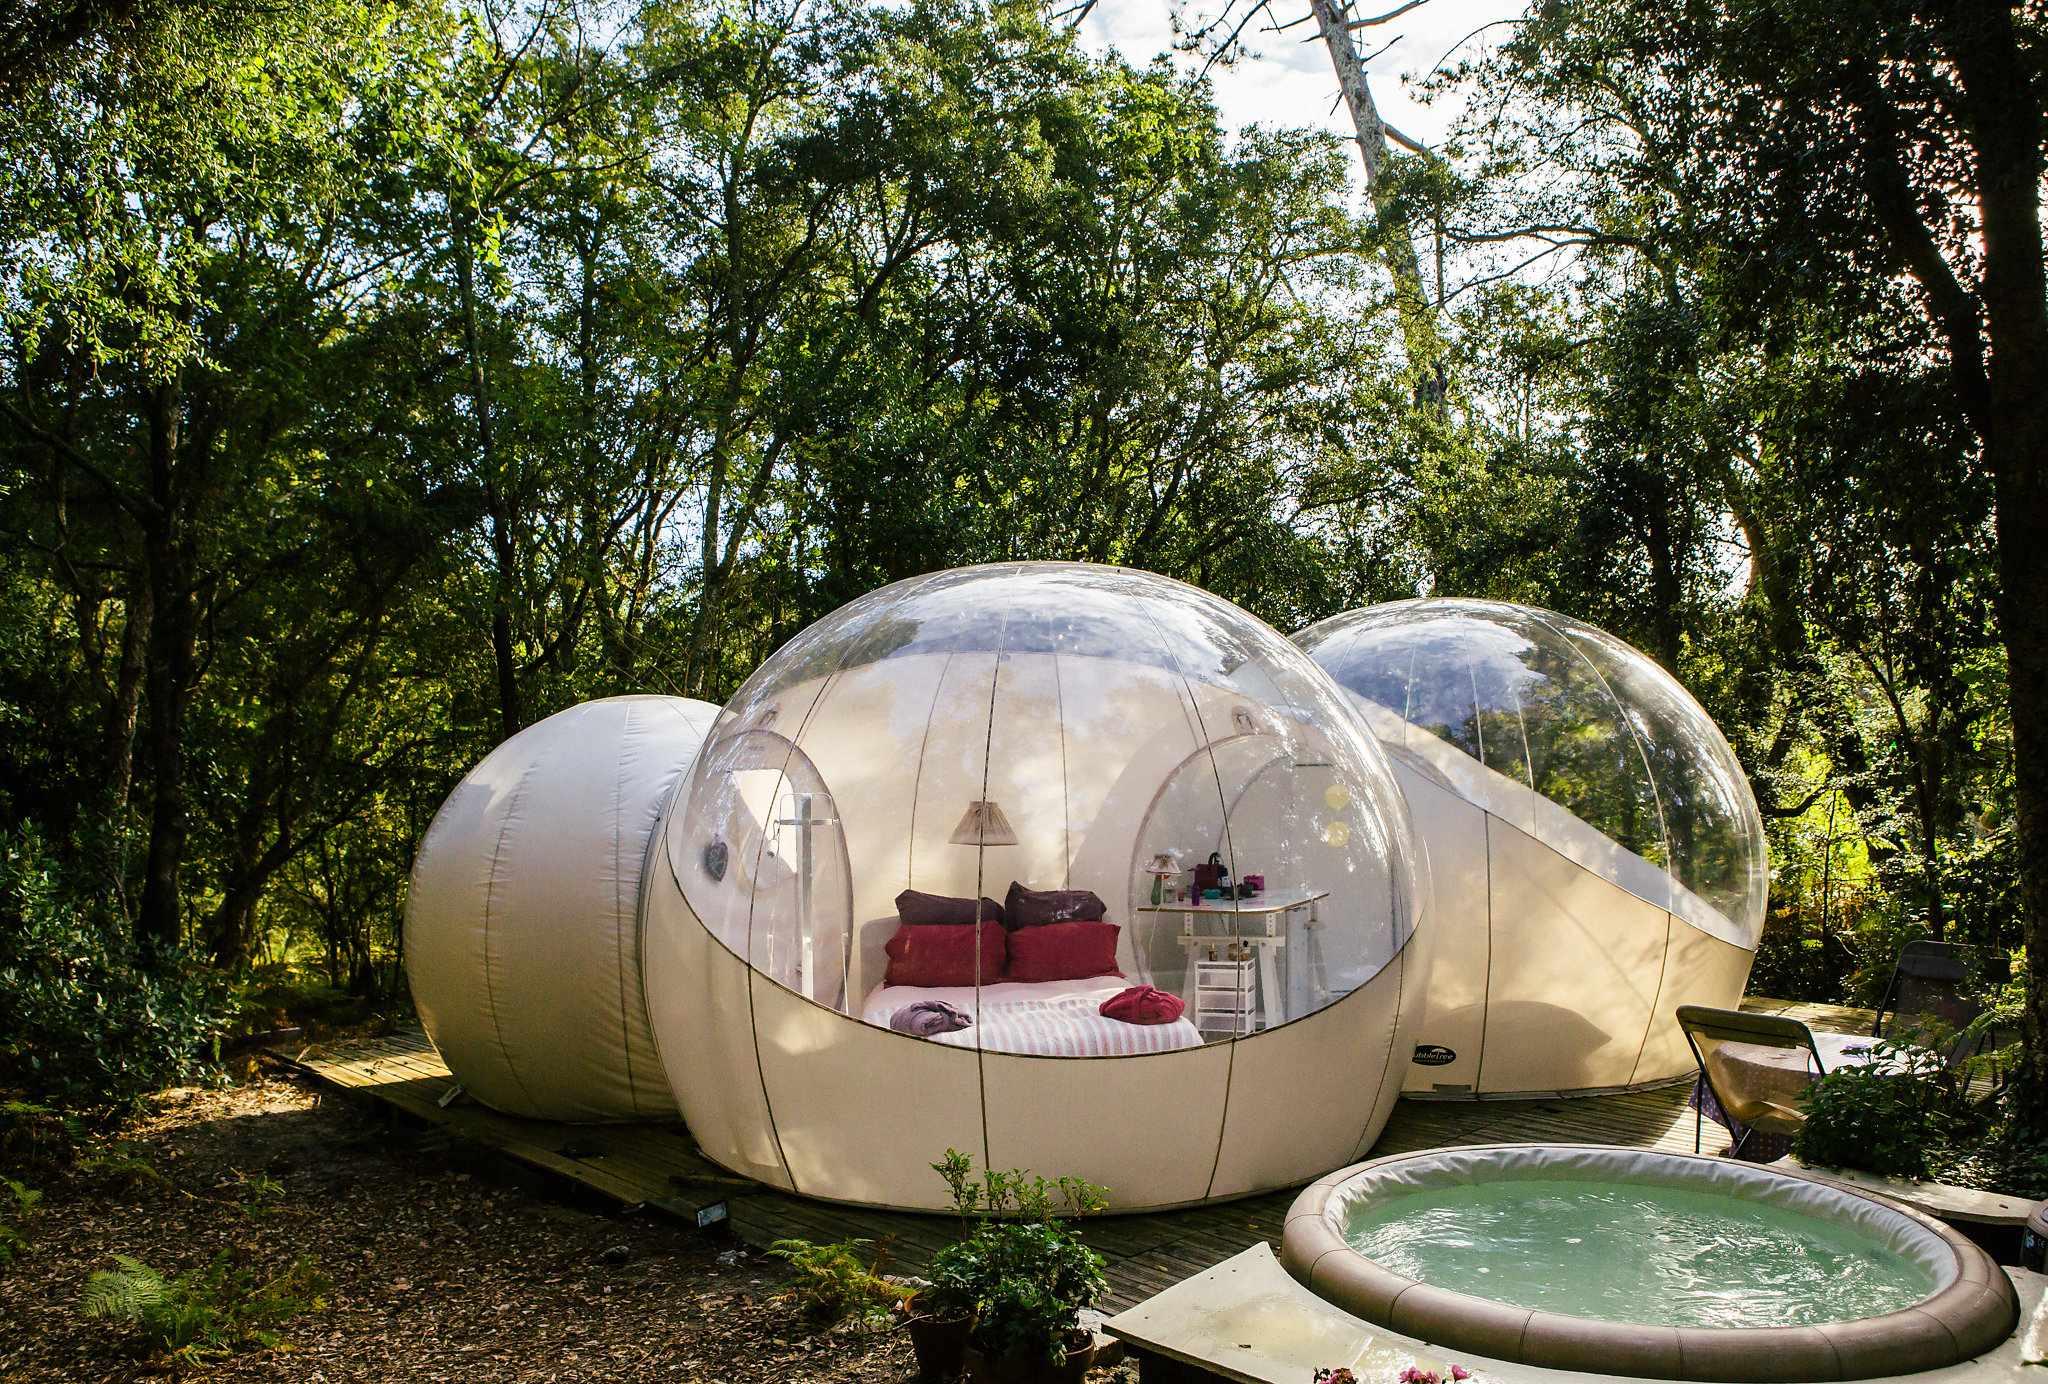 bulle bubulle lo rey du lac bulle transparente en aquitaine cabanes de france. Black Bedroom Furniture Sets. Home Design Ideas